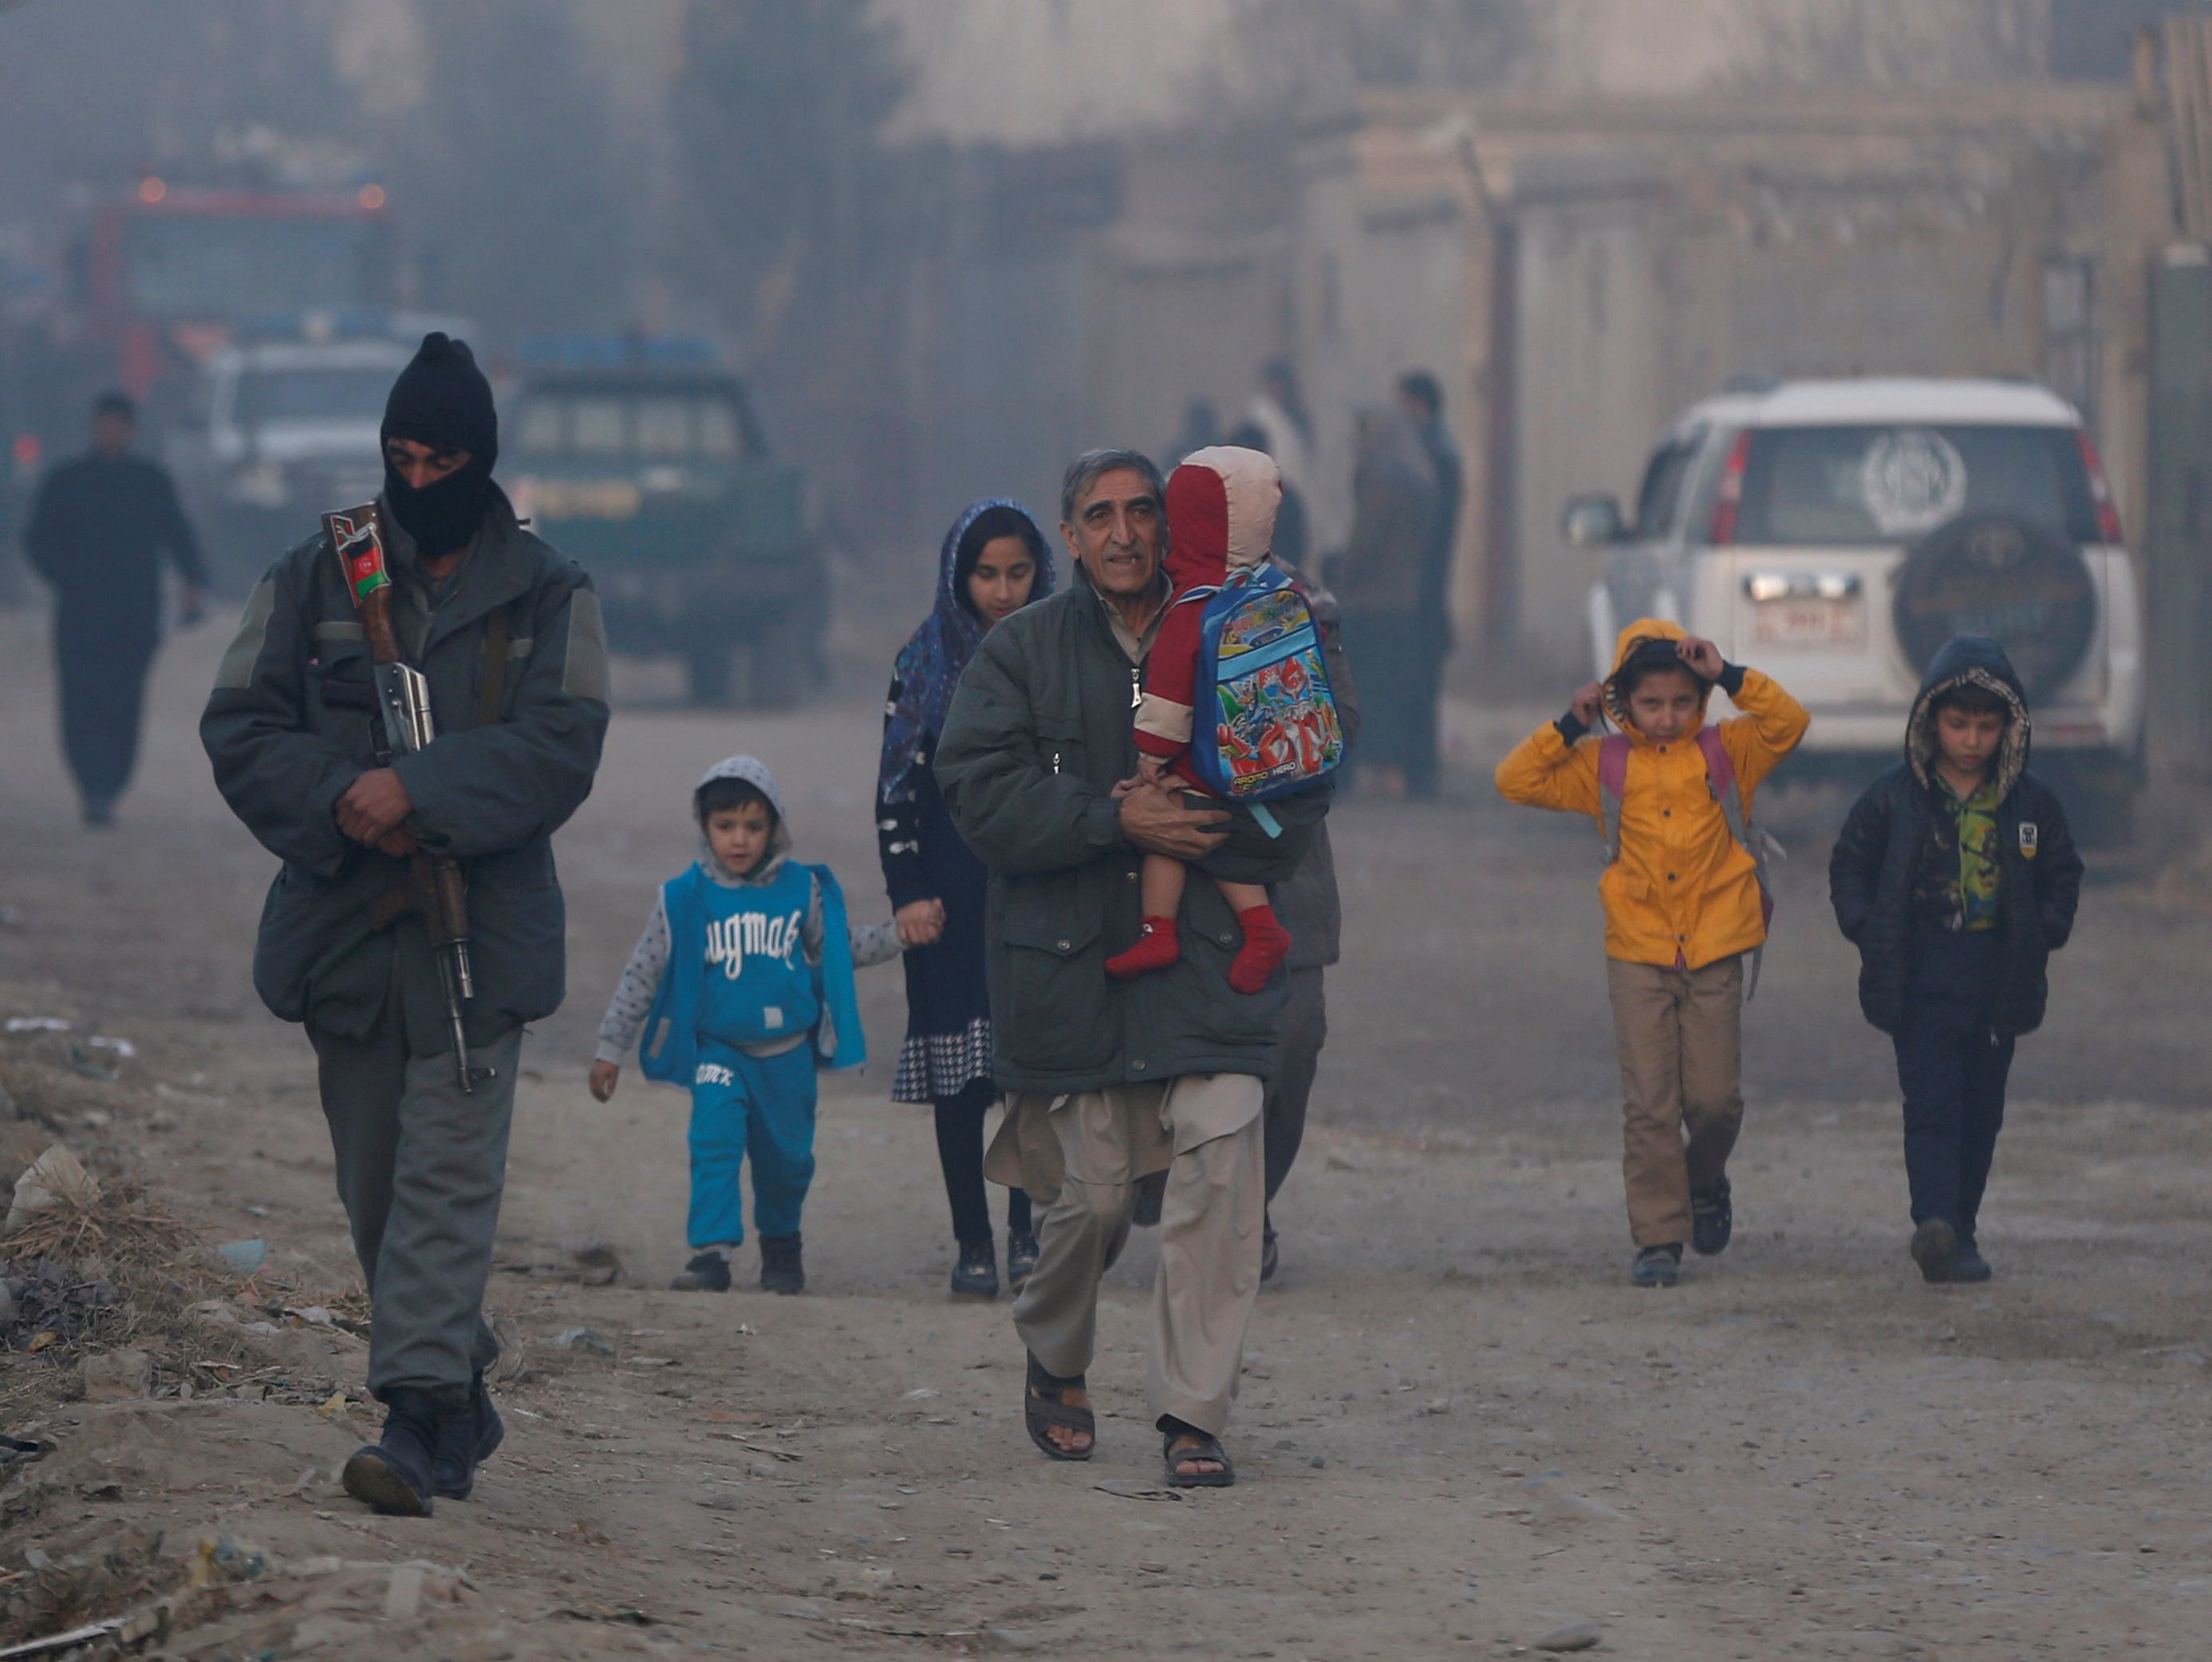 Αφγανιστάν: Οι Ταλιμπάν ανακοίνωσαν κατάπαυση του πυρός για το Εΐντ αλ